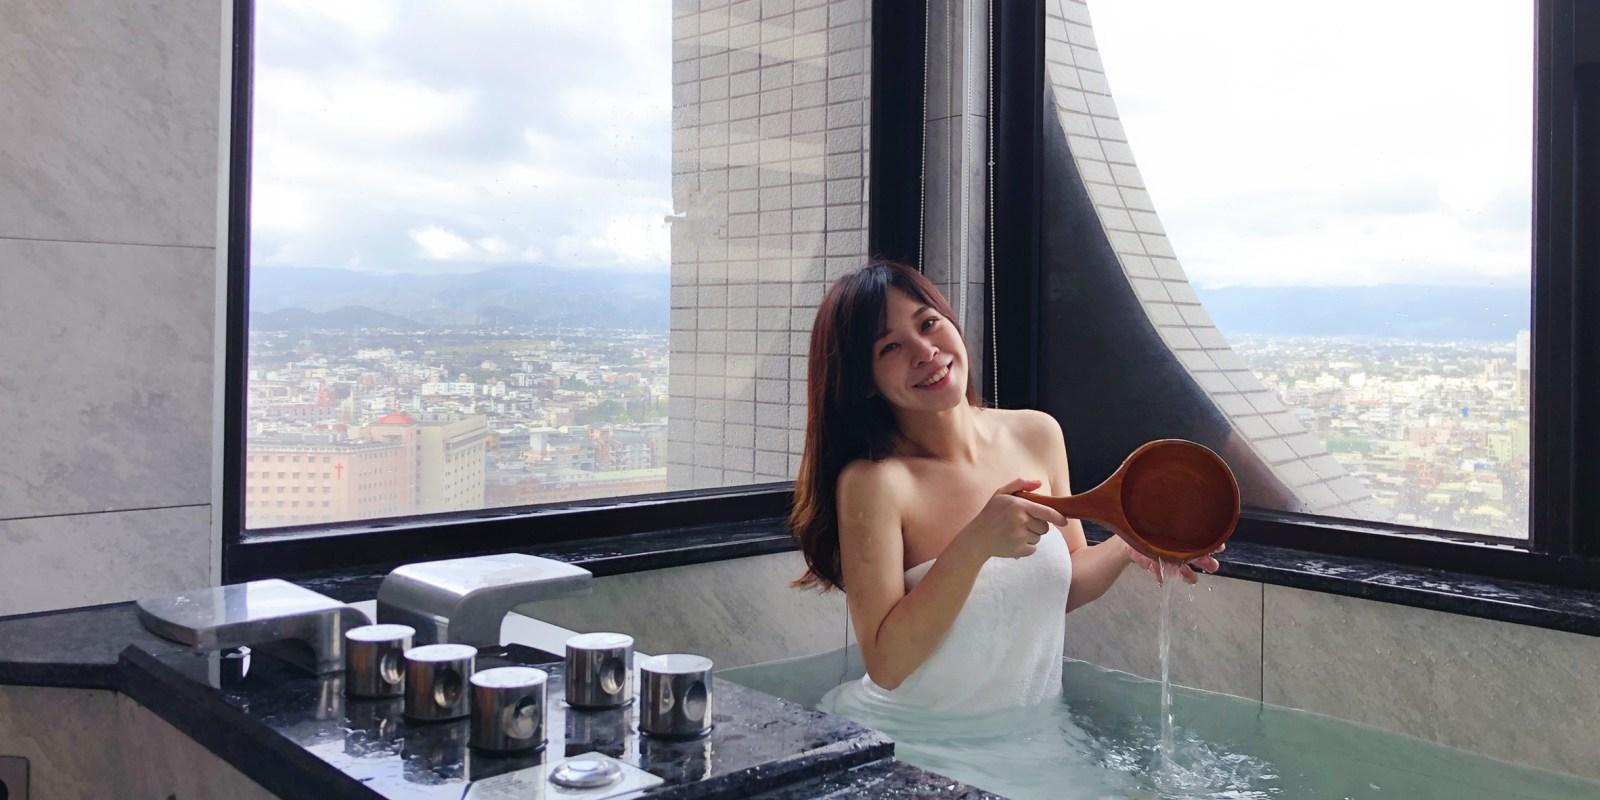 羅東住宿:村却國際溫泉酒店,宜蘭羅東親子飯店,房間內享有奈米牛奶湯屋、超好吃早晚自助餐吧!